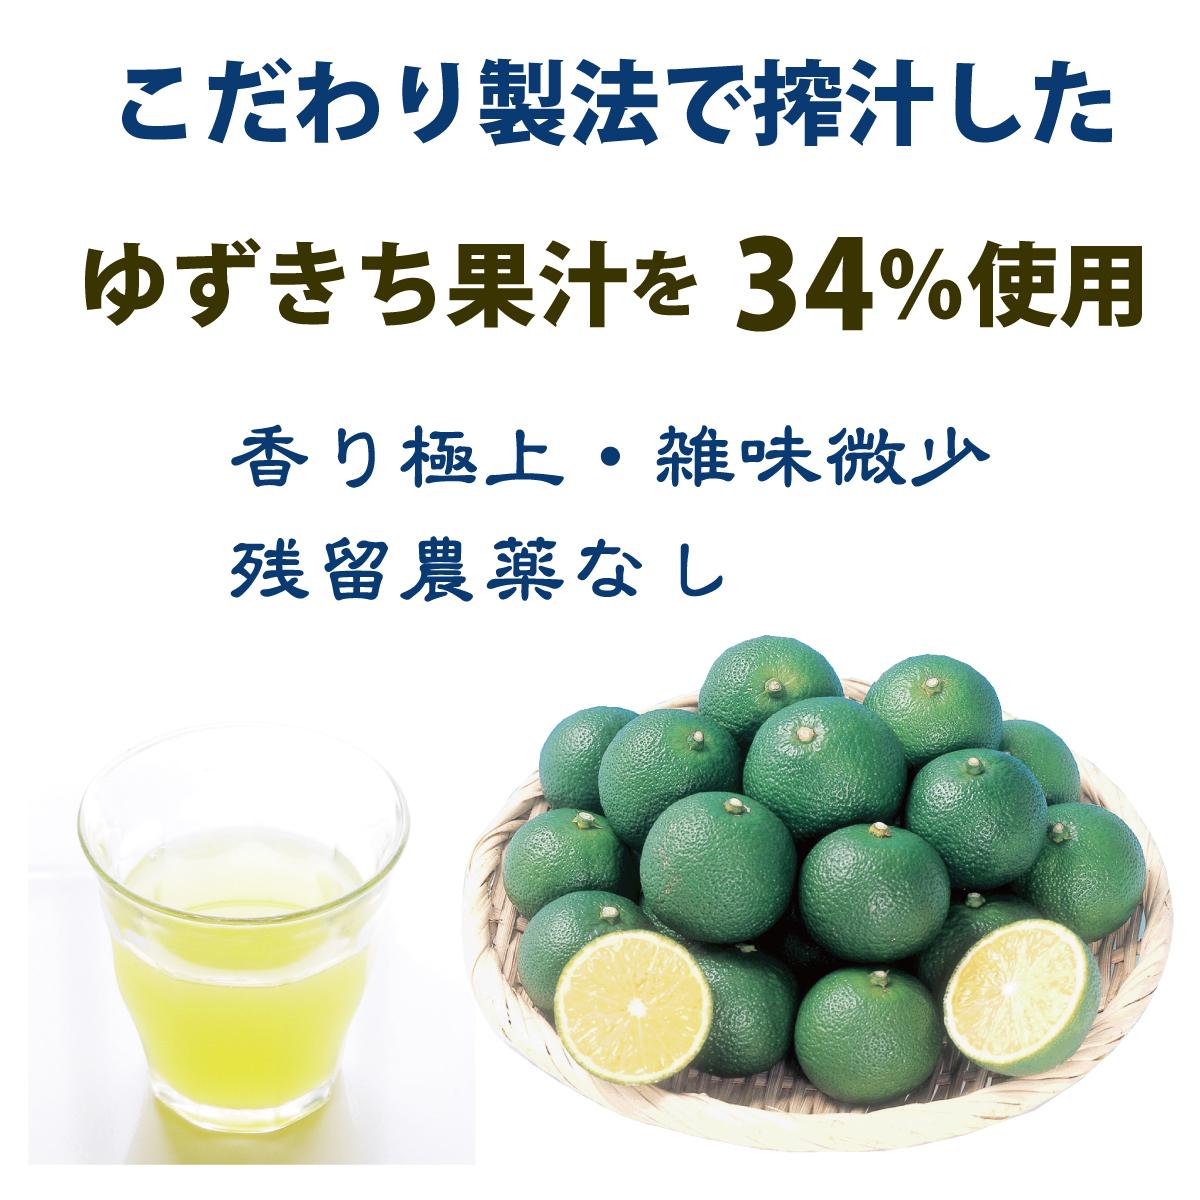 こだわり製法で搾汁したゆずきち果汁を34%使用。香り極上・雑味微少・残留農薬なし